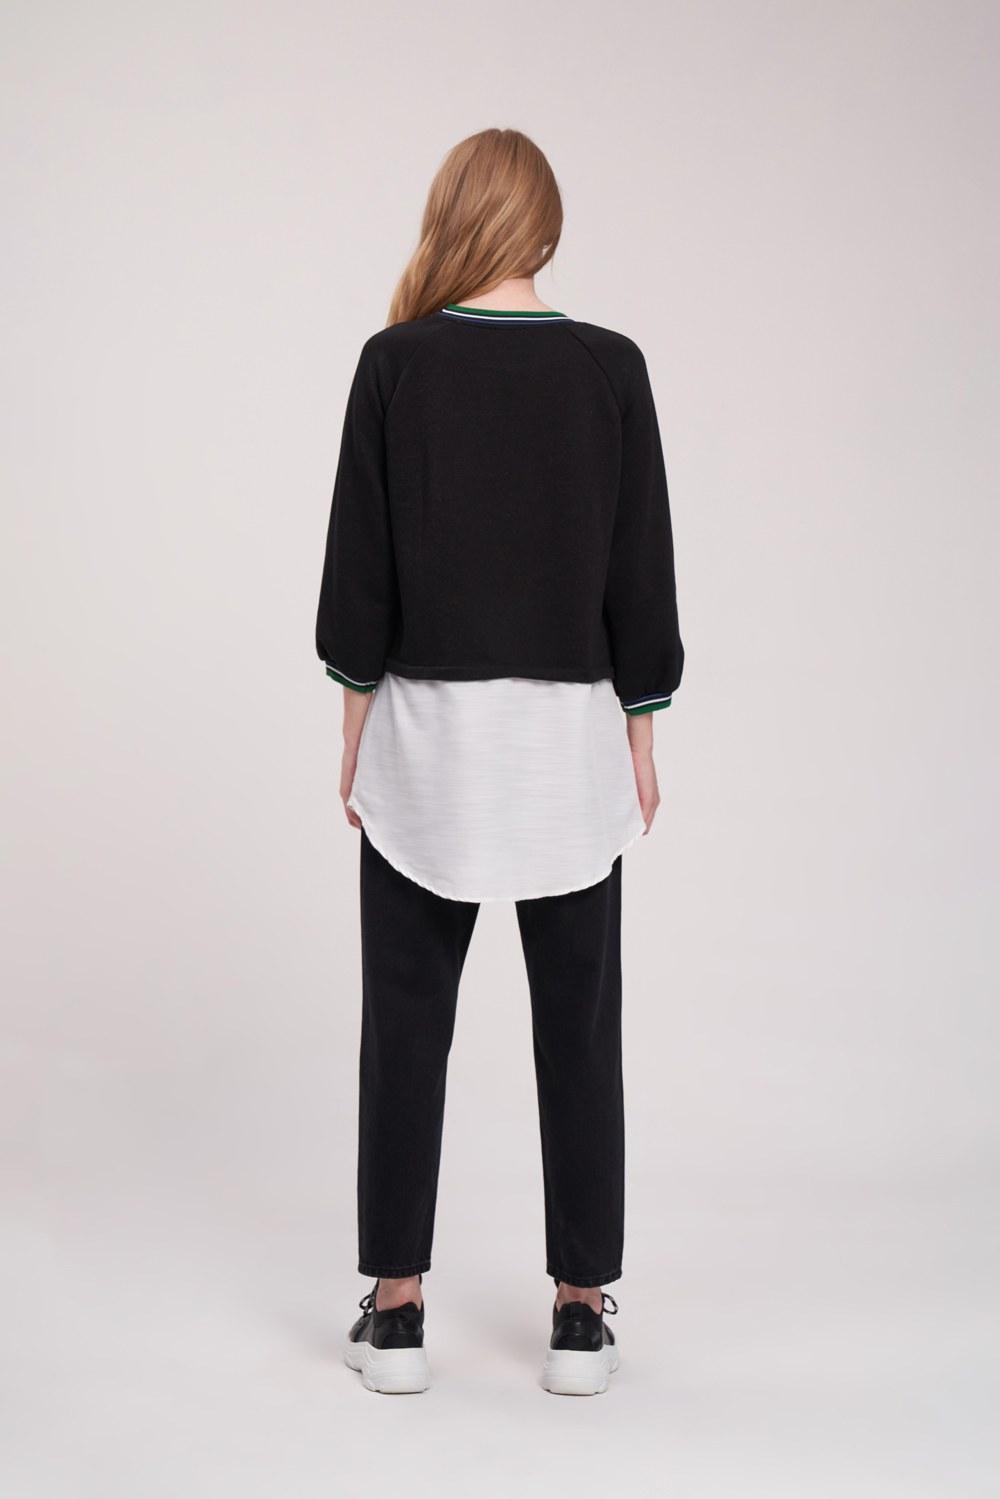 Poplin Parçalı Siyah Sweatshirt